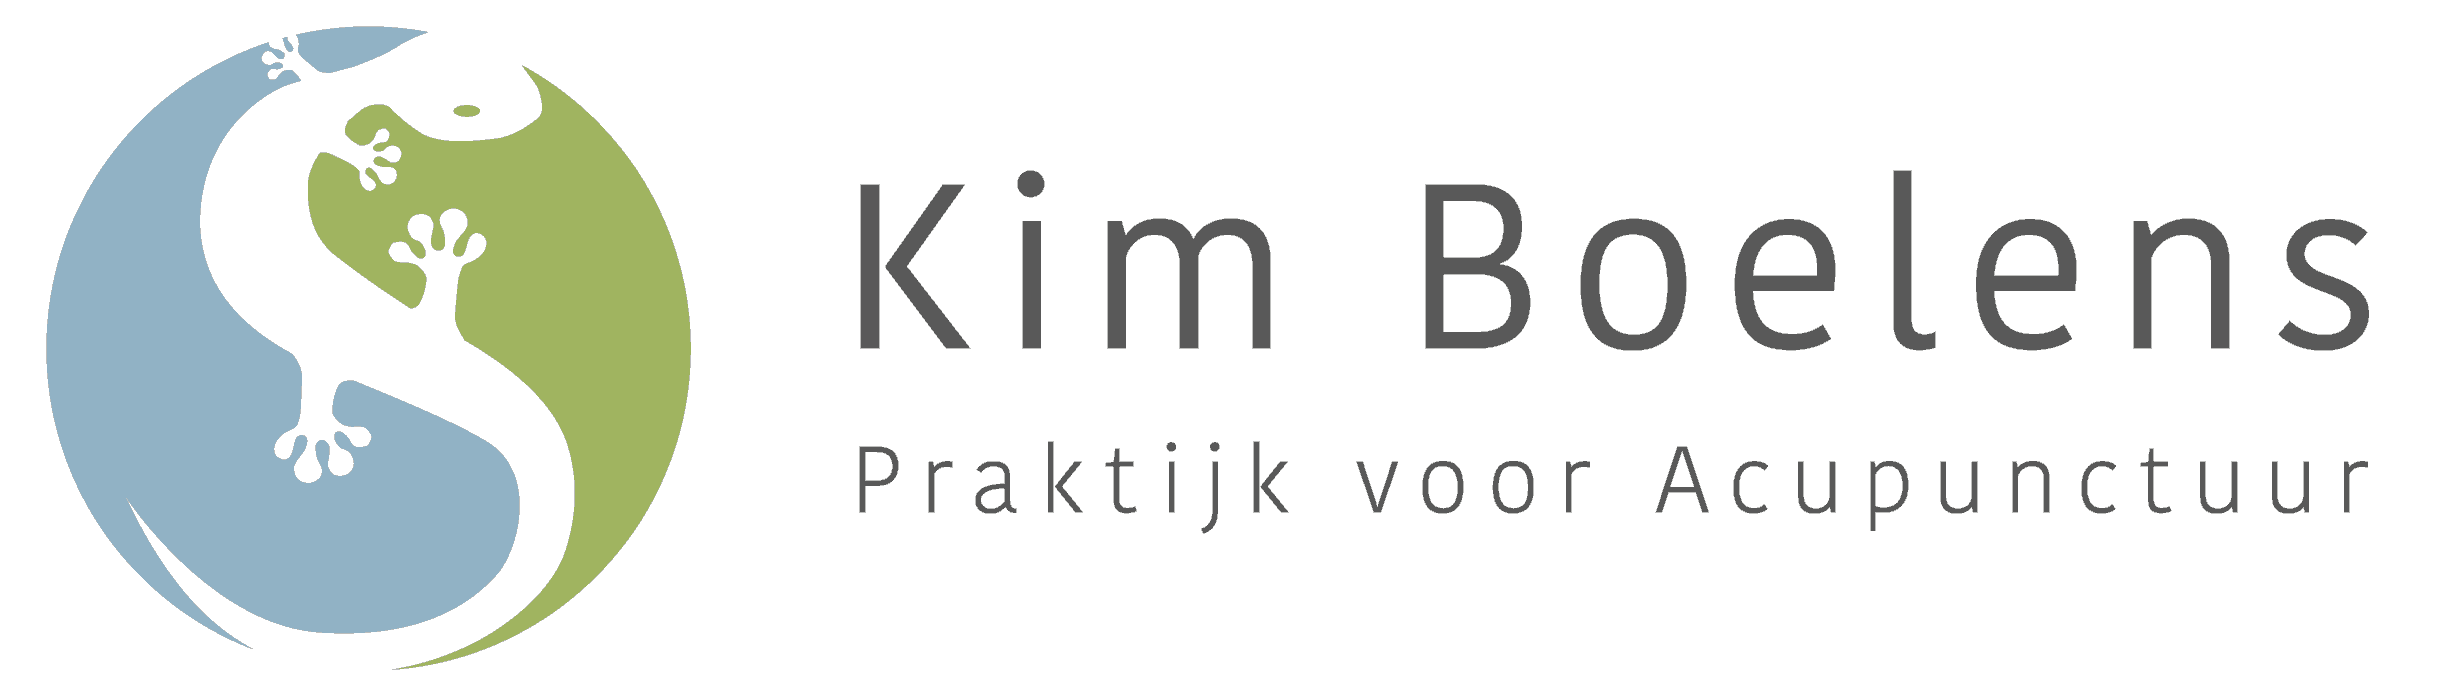 Kim Boelens